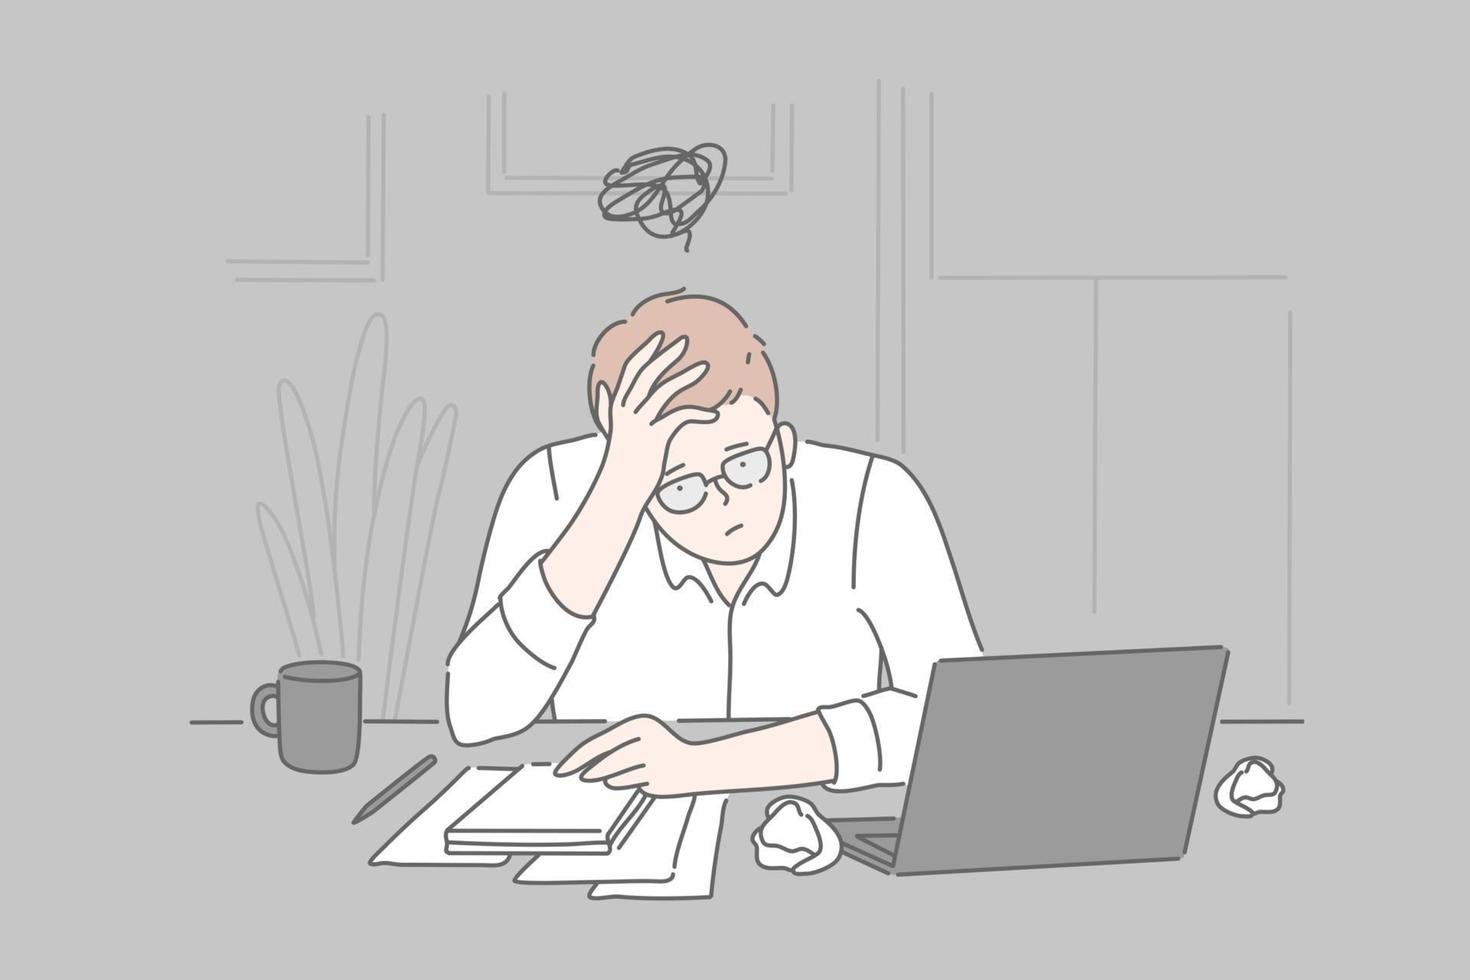 Bankruptcy, burnout, collapse concept. vector